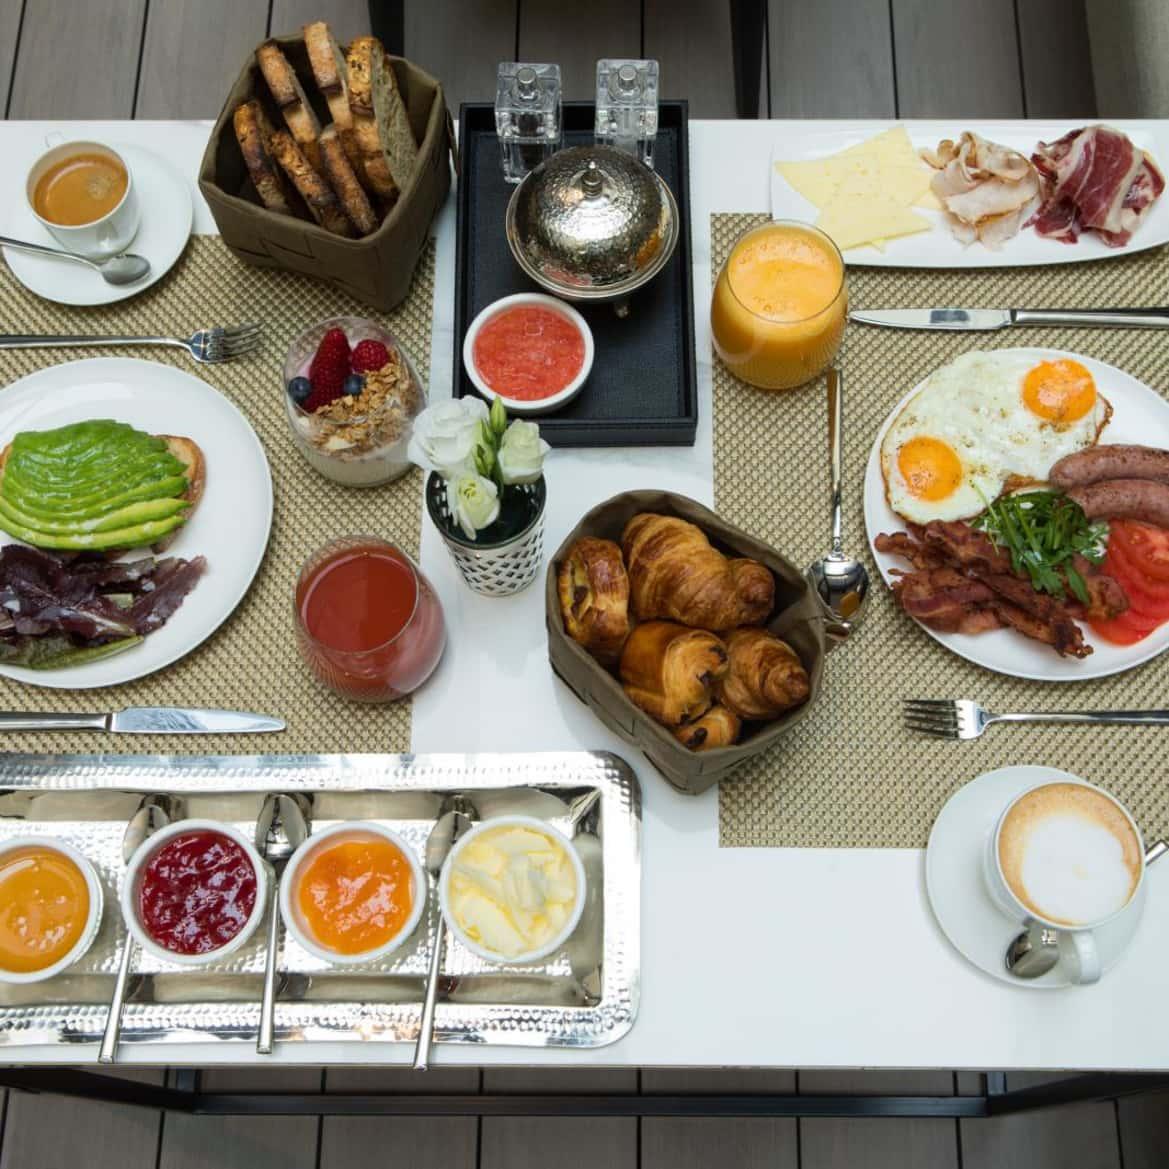 Desayuno continental de buenos días - The Pavilions Madrid